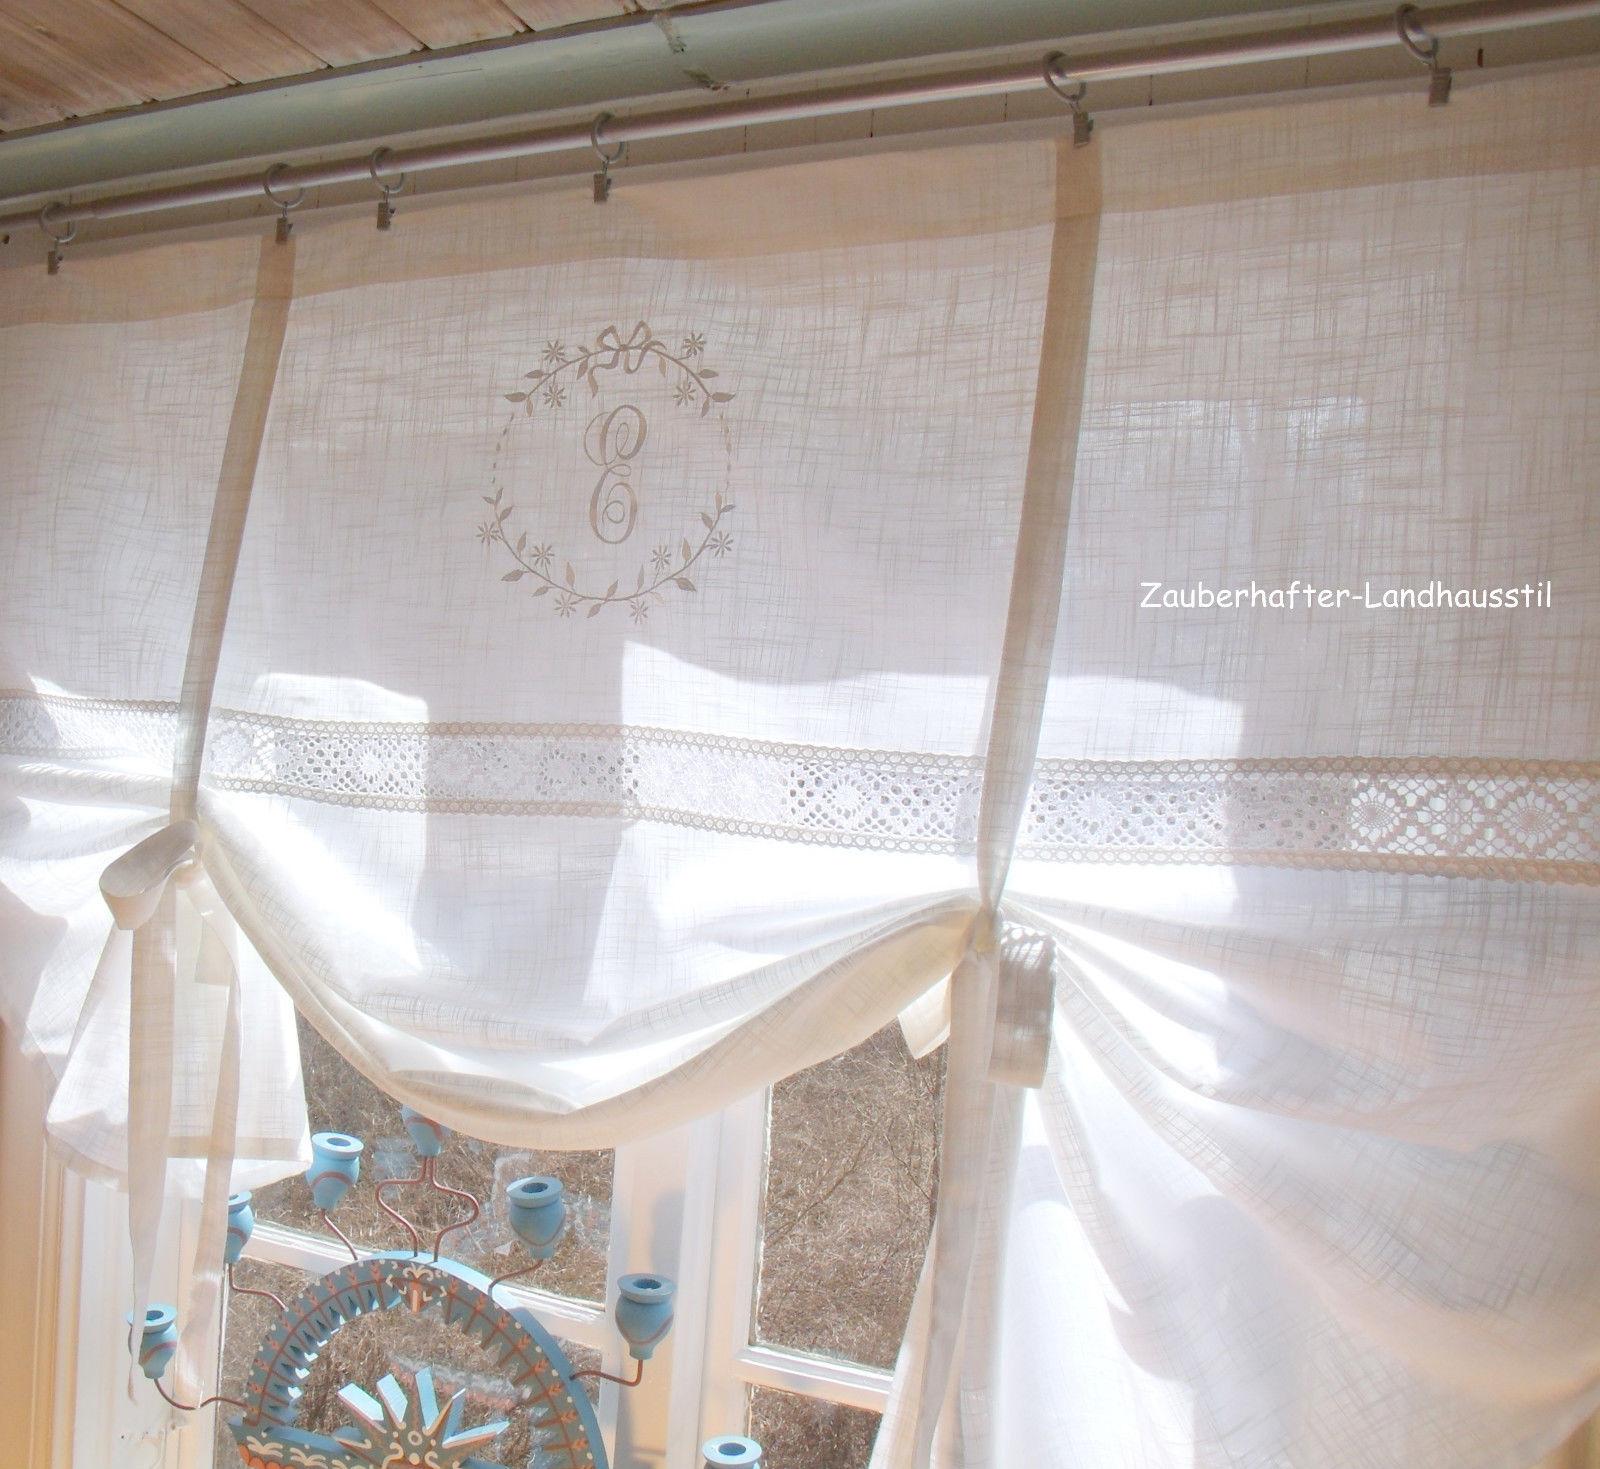 Full Size of Schlafzimmer Landhausstil Weiß Gardinen Für Wohnzimmer Fenster Sofa Die Küche Scheibengardinen Regal Bett Esstisch Bad Wohnzimmer Gardinen Landhausstil